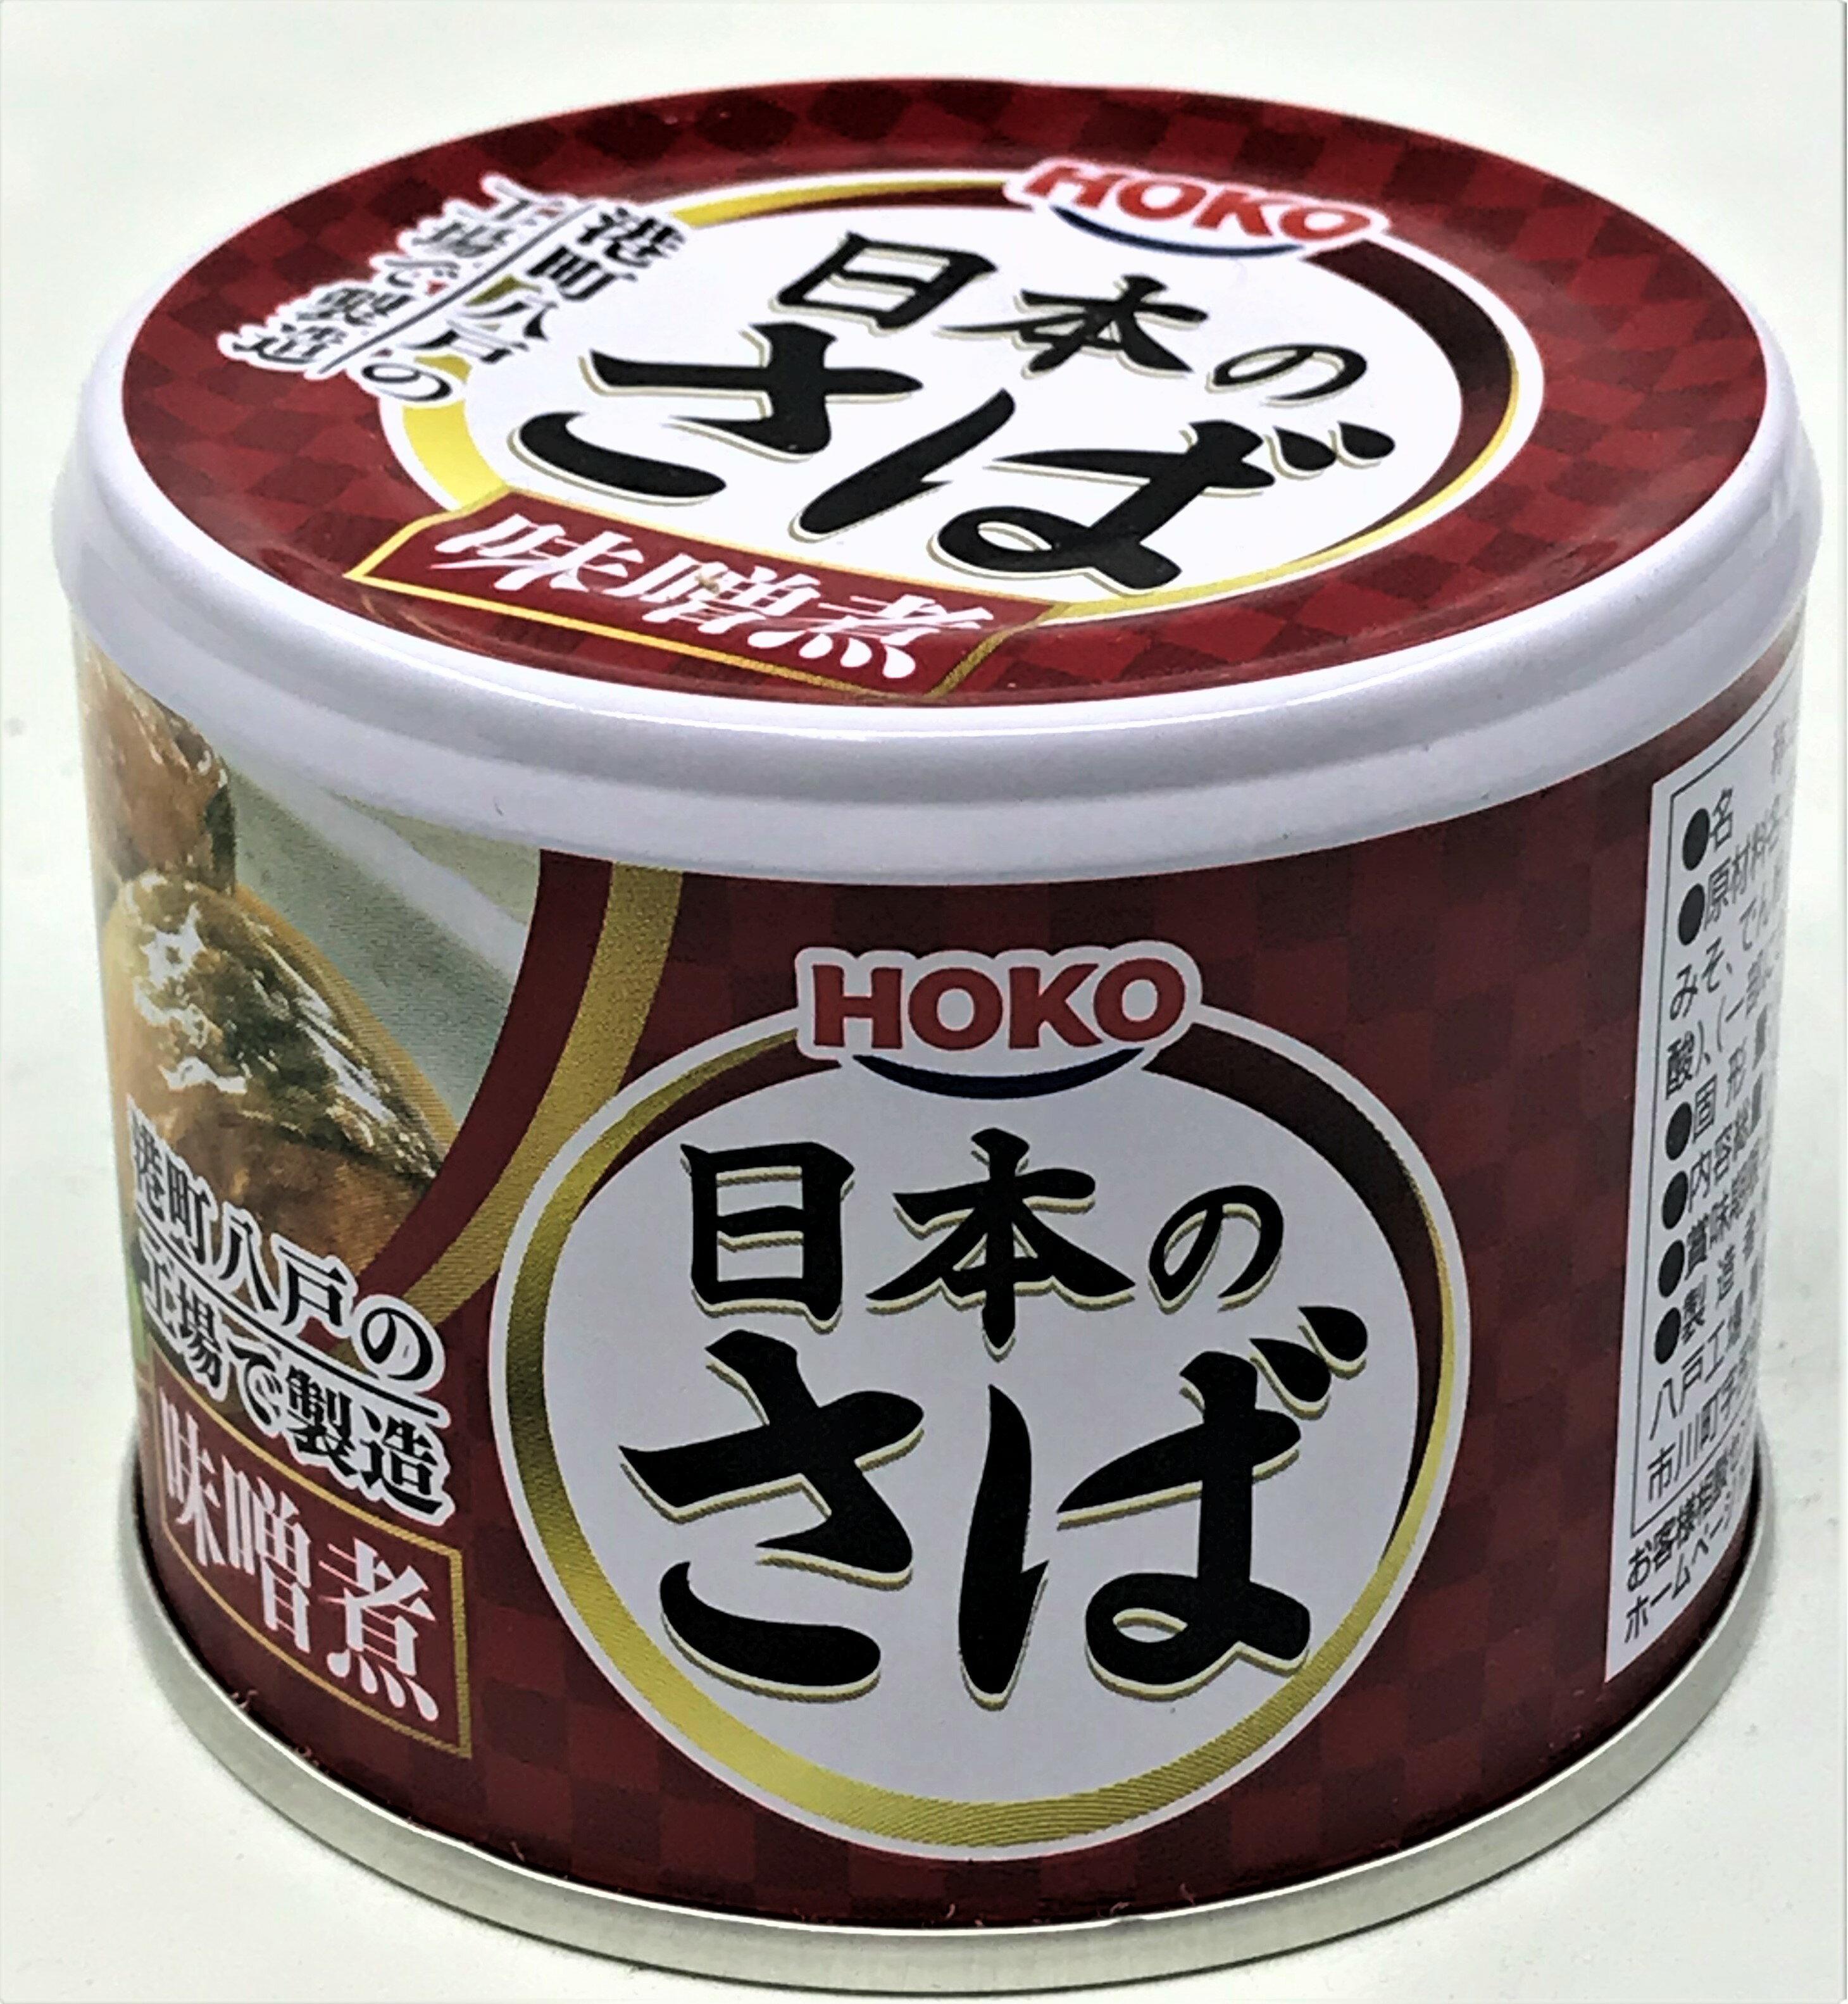 [哈日小丸子]寶幸鯖魚罐-味增(190g)